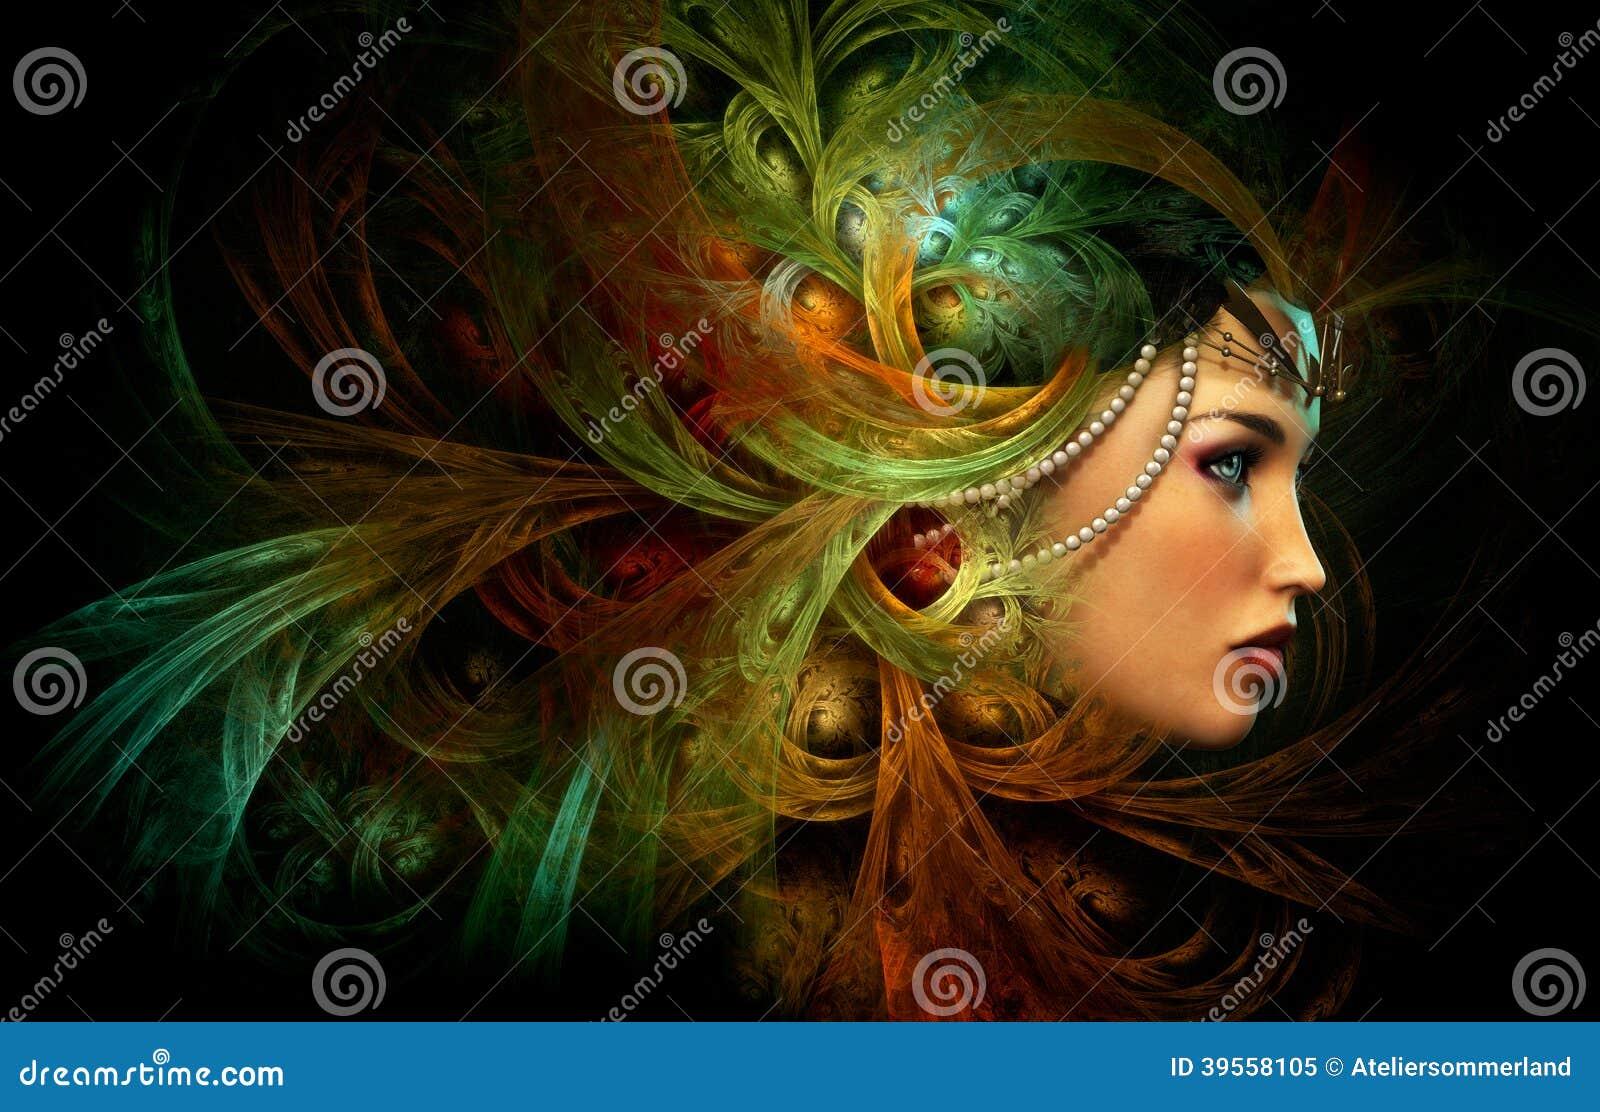 Κυρία με κομψά headdress, CG